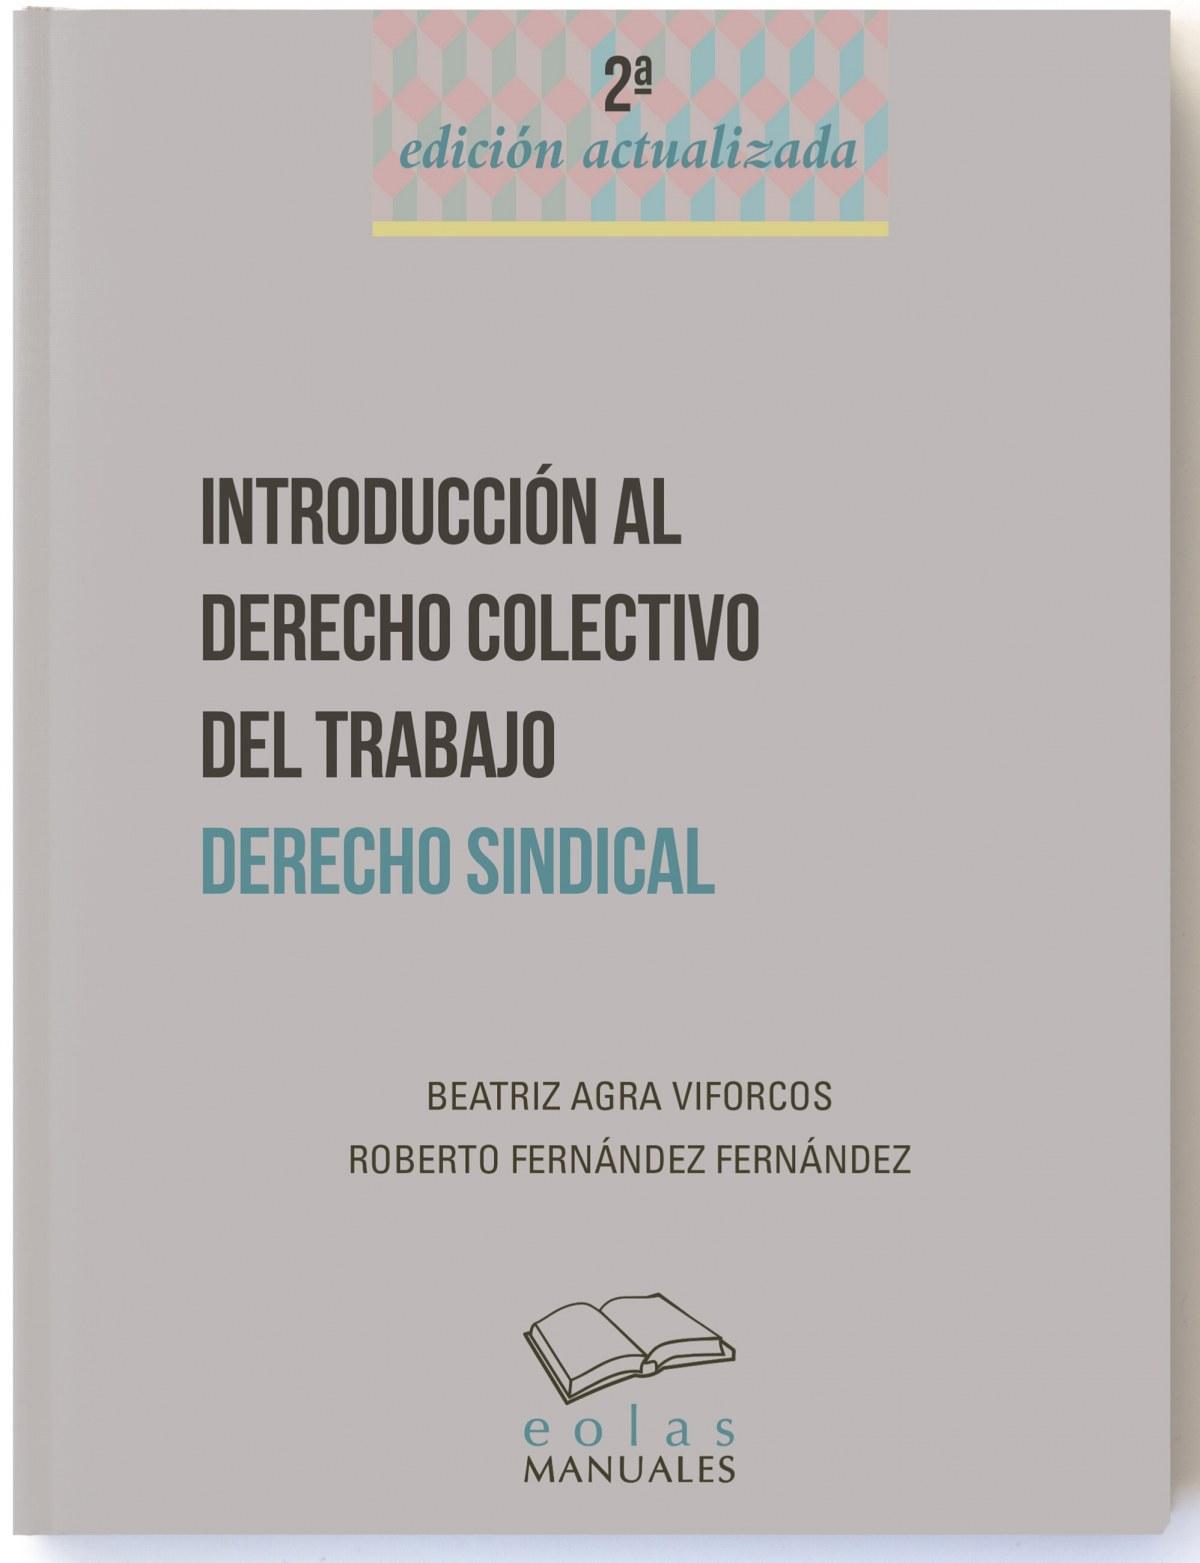 INTRODUCCIÓN AL DERECHO COLECTIVO DEL TRABAJO 9788416613830